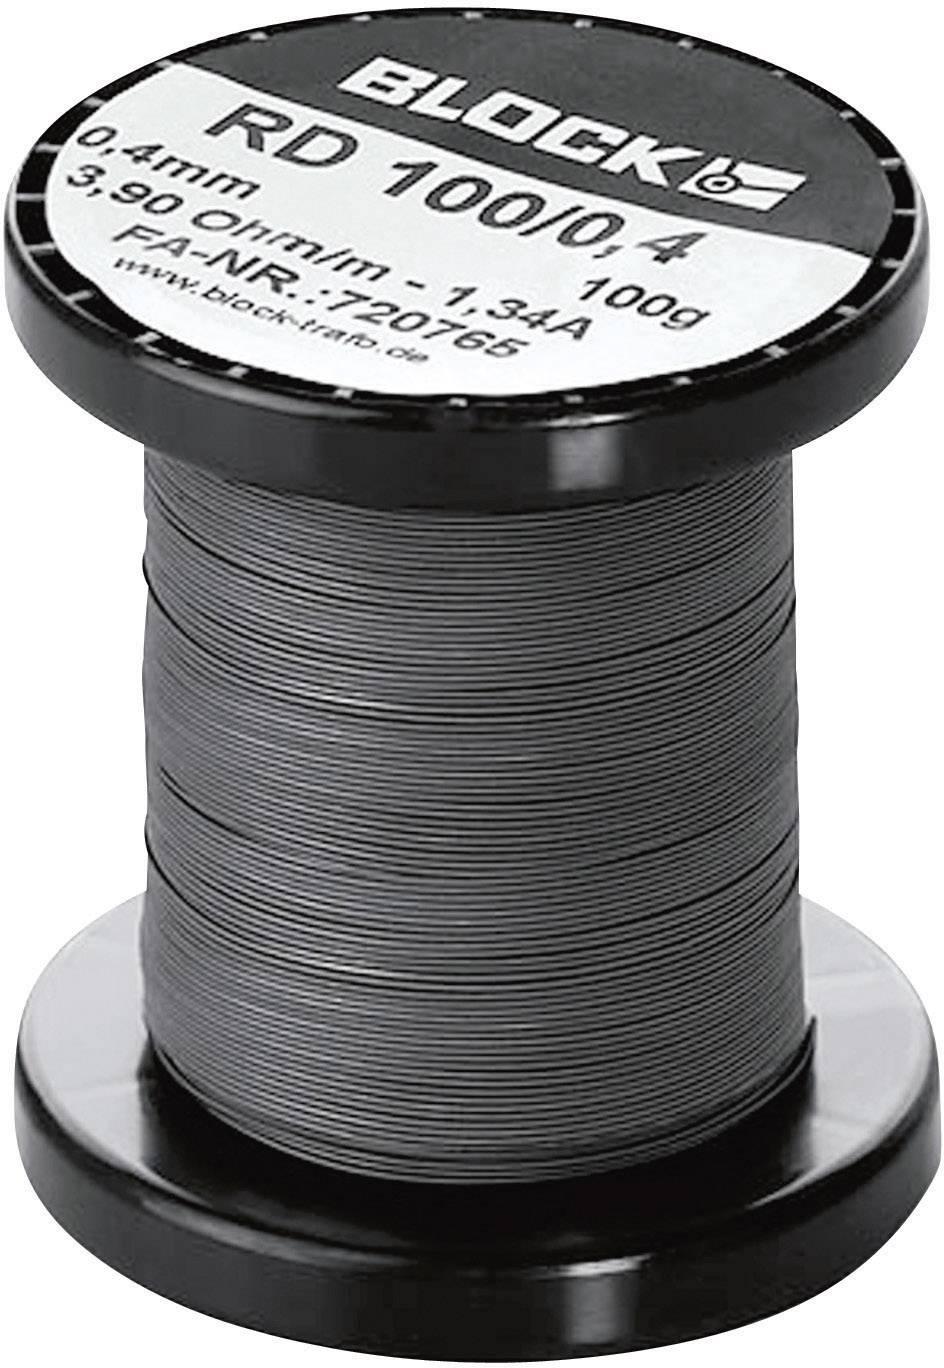 Odporový drôt Block RD 100/0,6, 1.73 Ω/m, 39 m